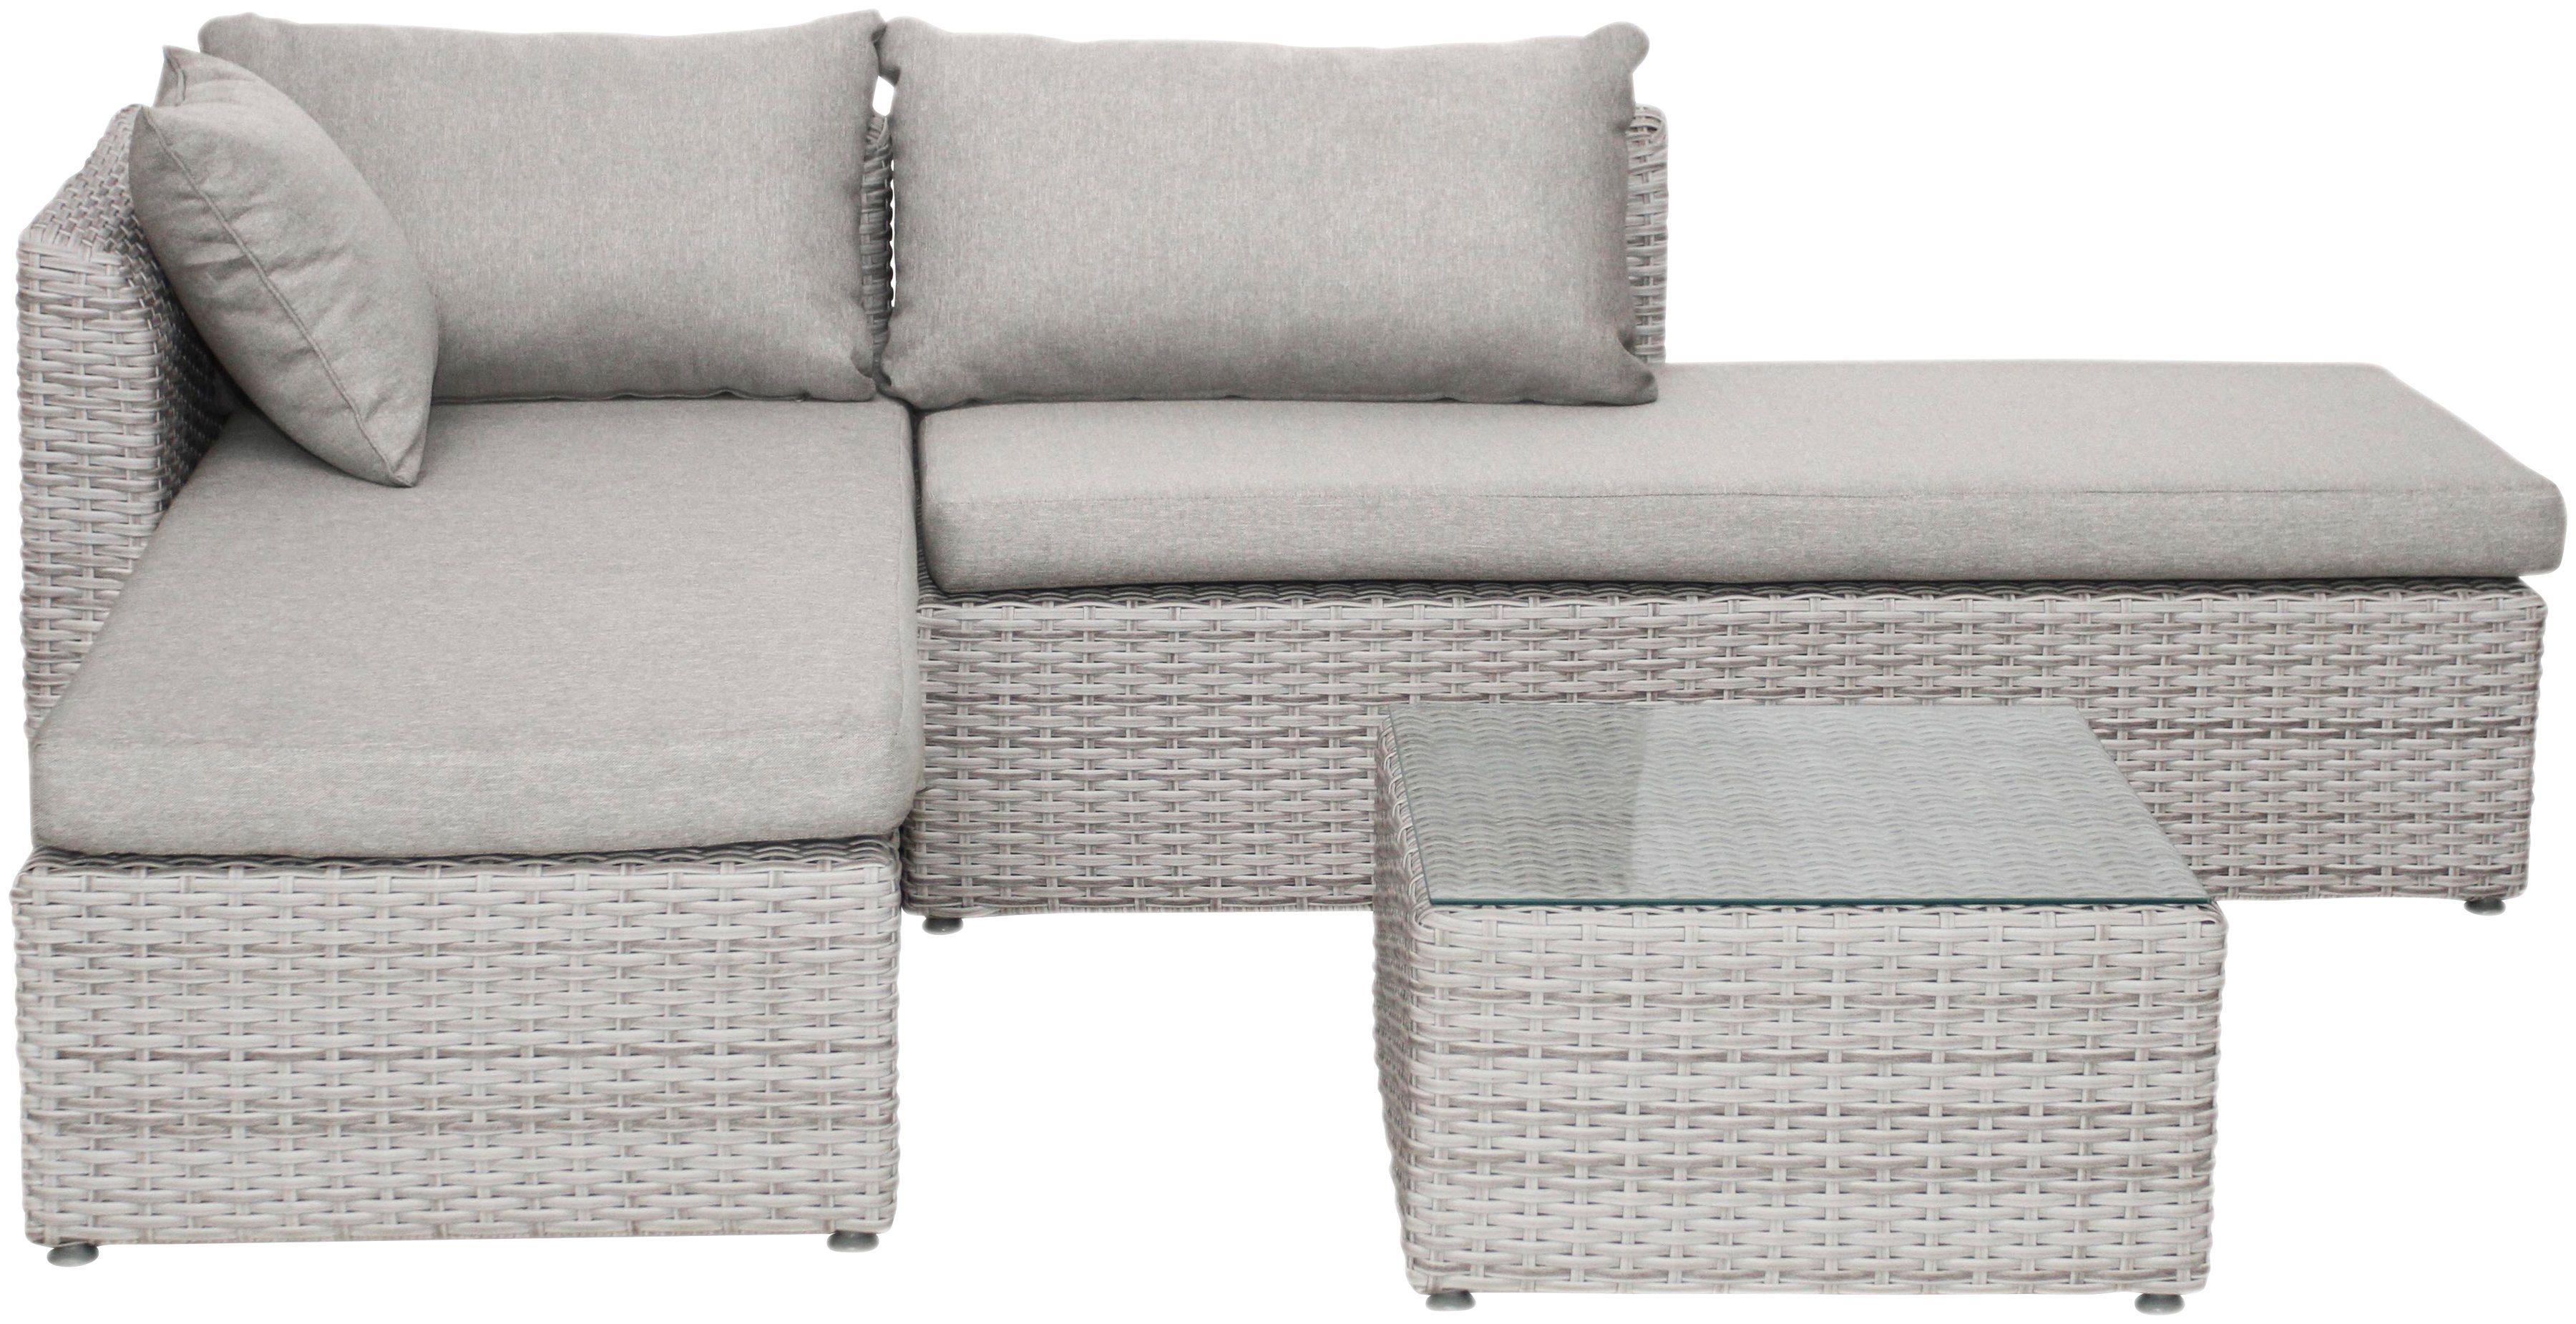 BELLASOLE Loungeset , 8-tlg., Ecklounge, Tisch 60x60 cm, Polyrattan, cremeweiß